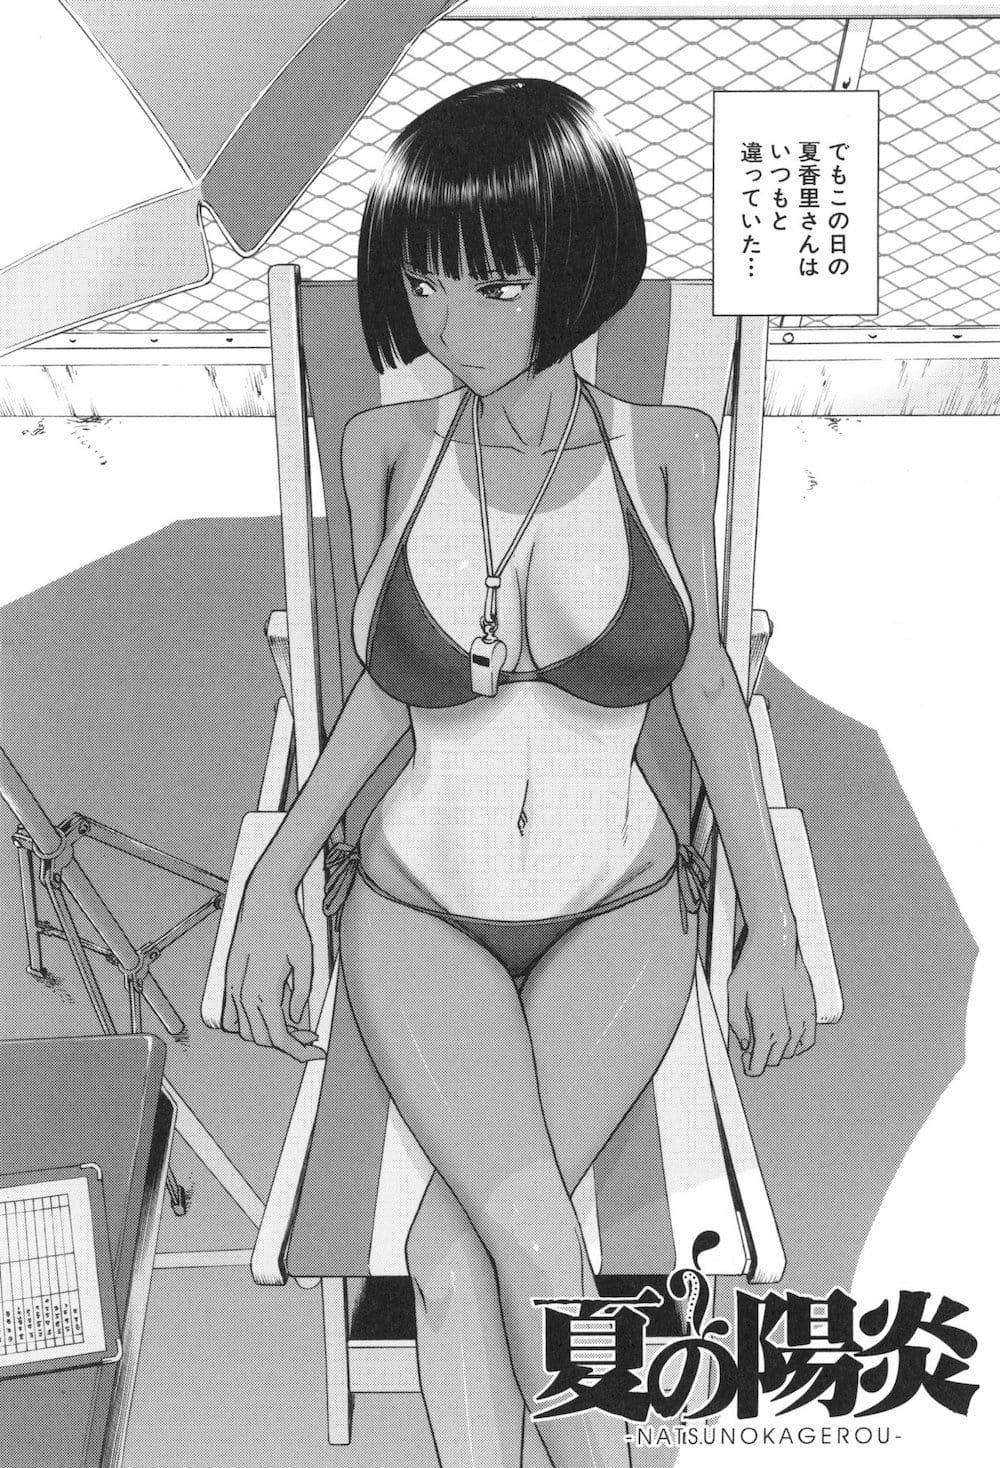 【エロ漫画】プール監視員の黒髪ショートカットでスタイル抜群お姉さんの日焼け跡ボディに欲情した少年が喰われる!